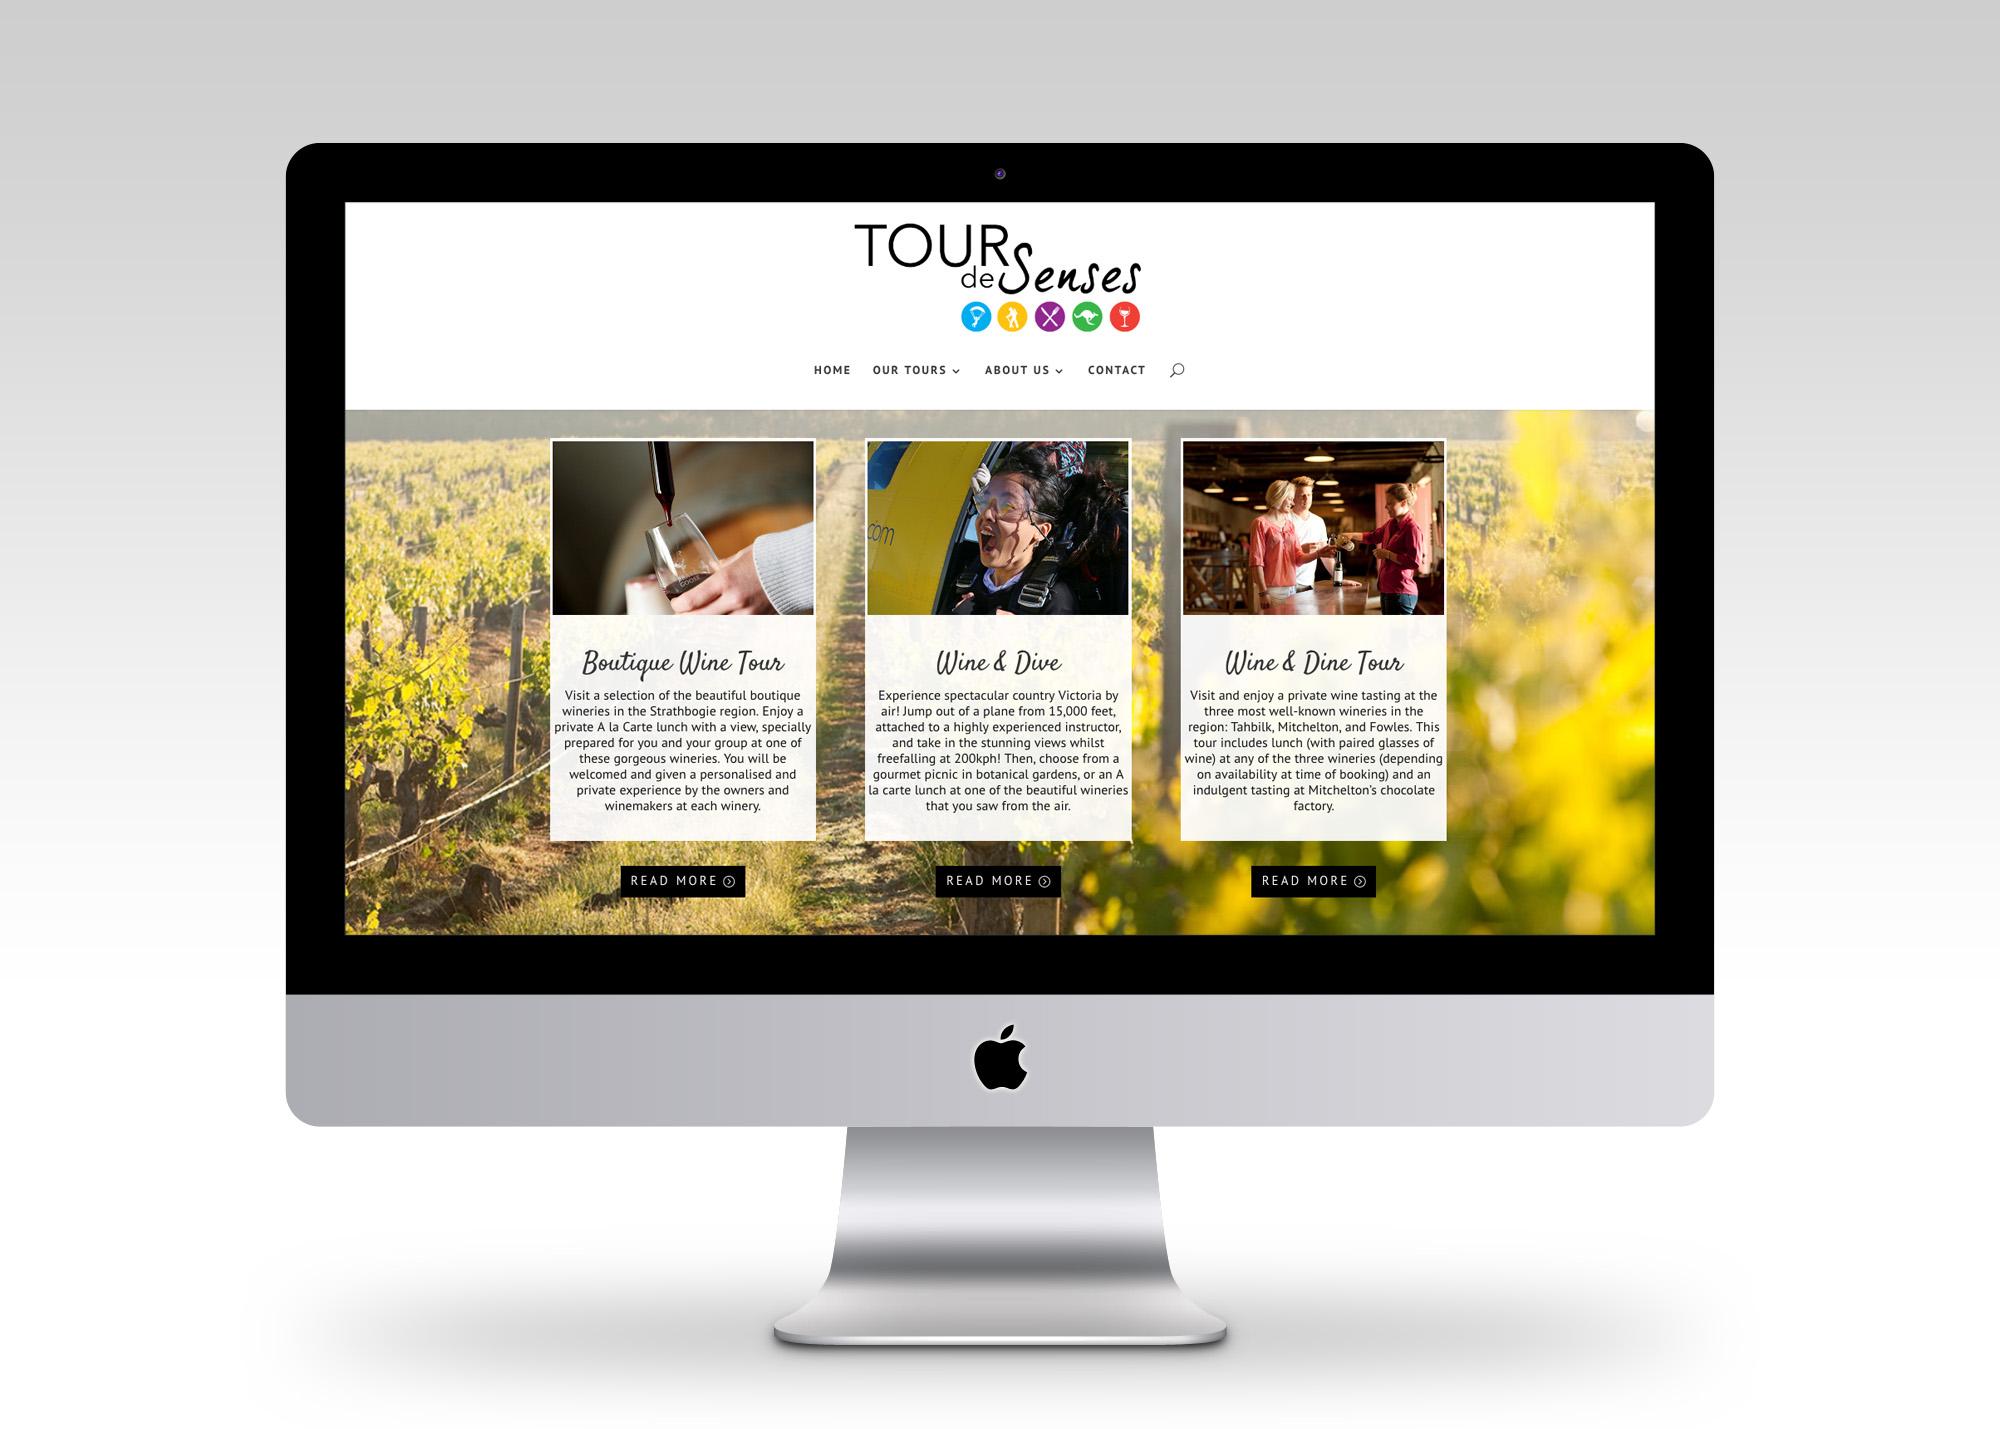 TourDeSenses_Tours